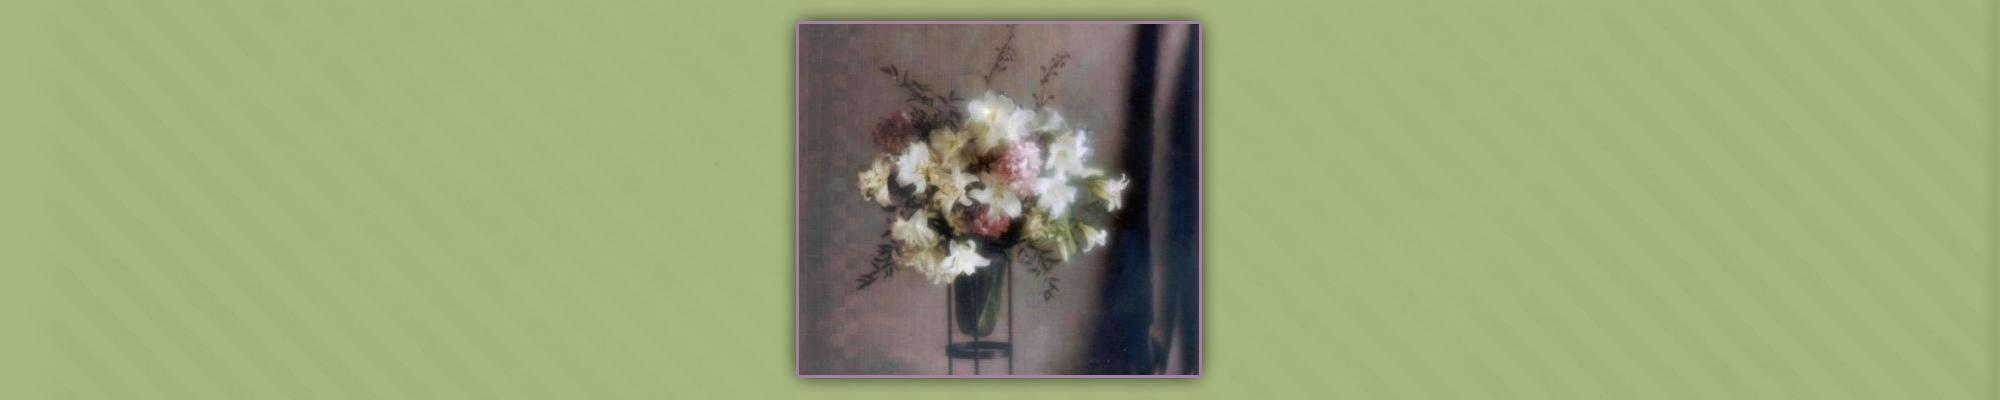 Florists flower arrangements wedding florist funerals florists flower arrangements wedding florist funerals brookfield wi izmirmasajfo